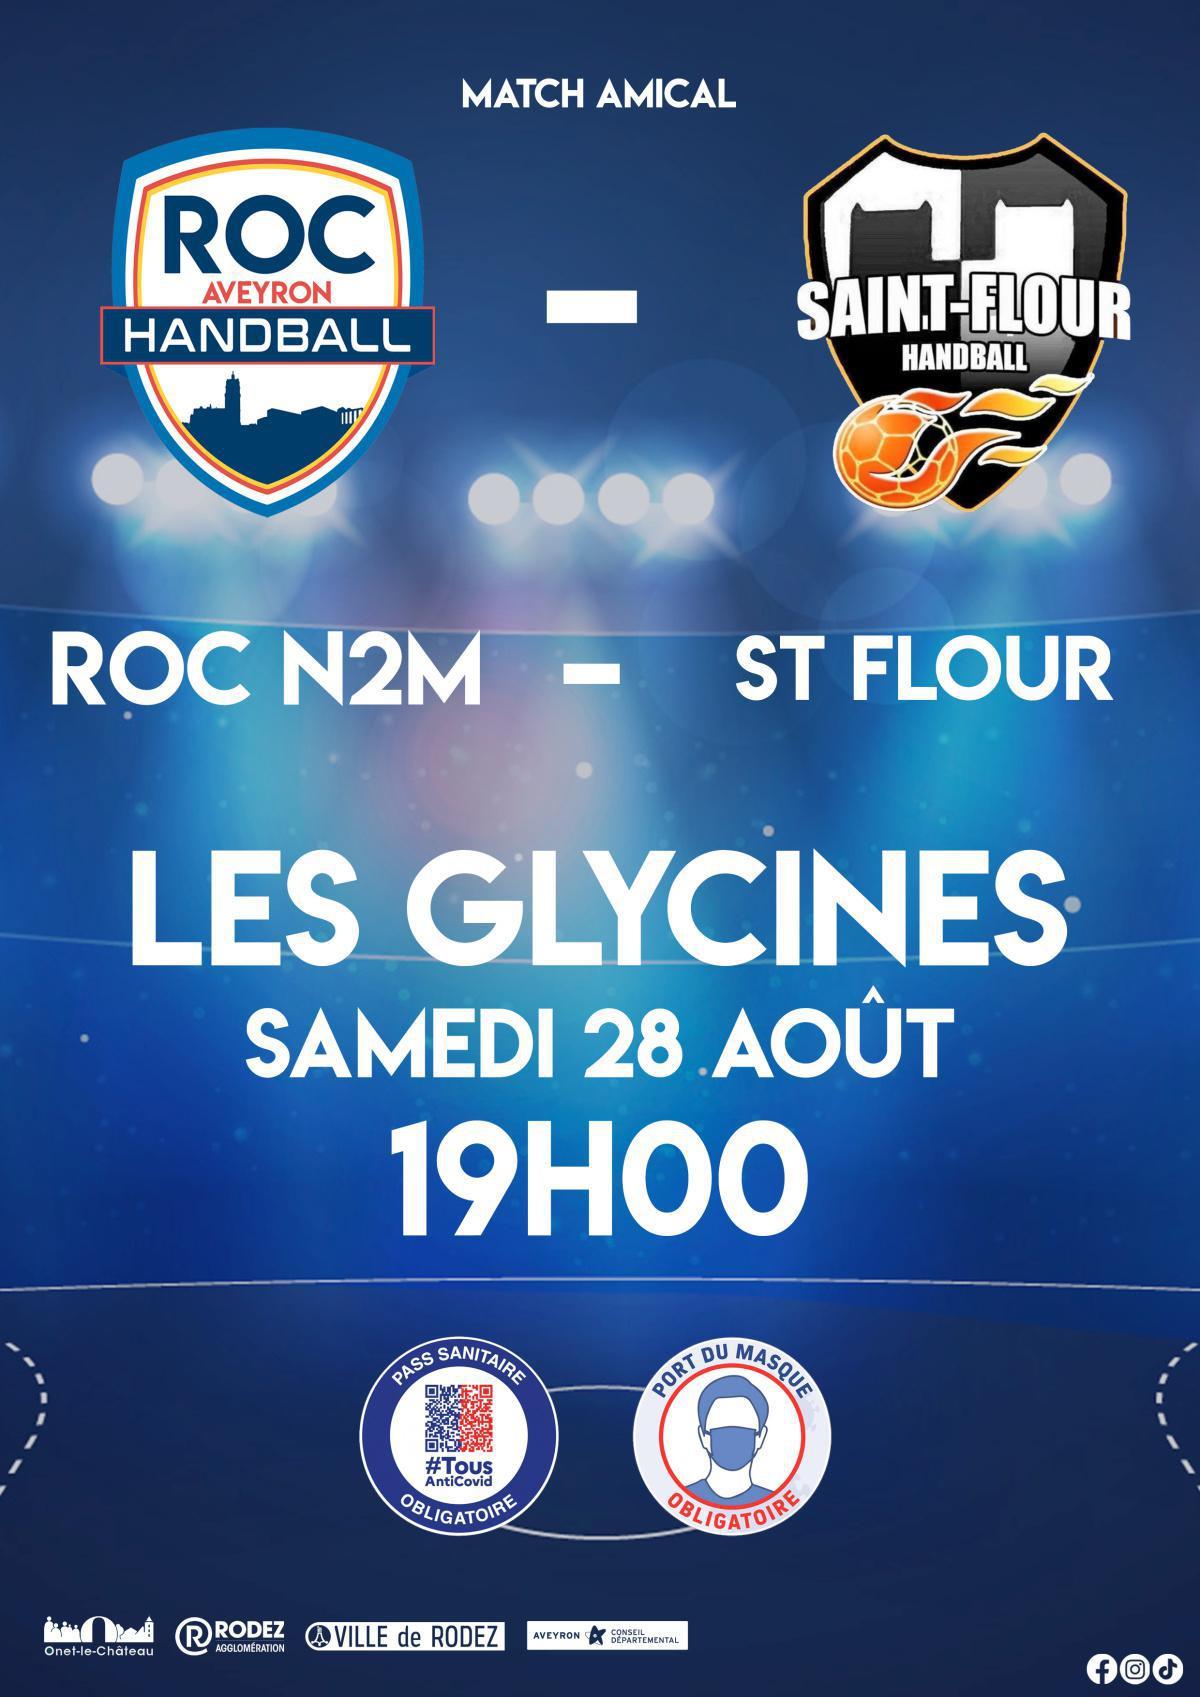 Match amical samedi 28 Août